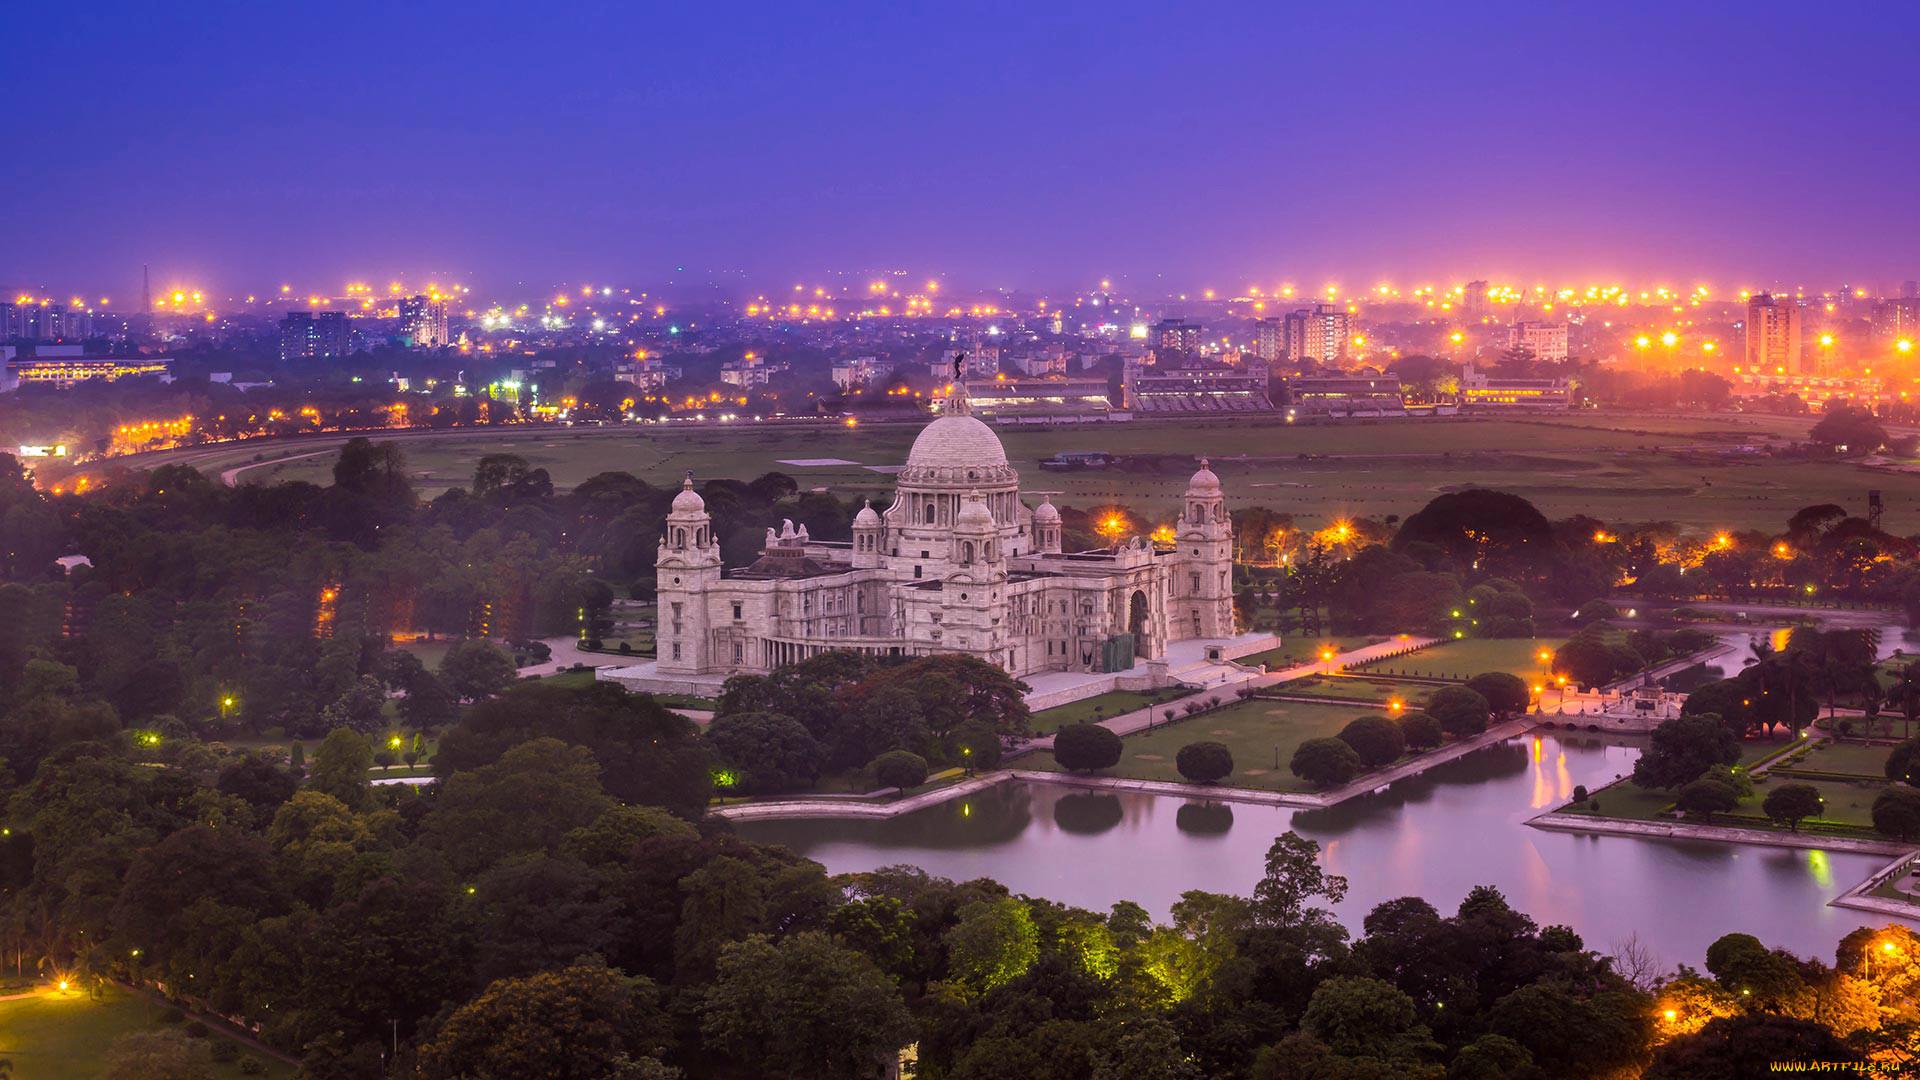 города индии картинки отщепляющие